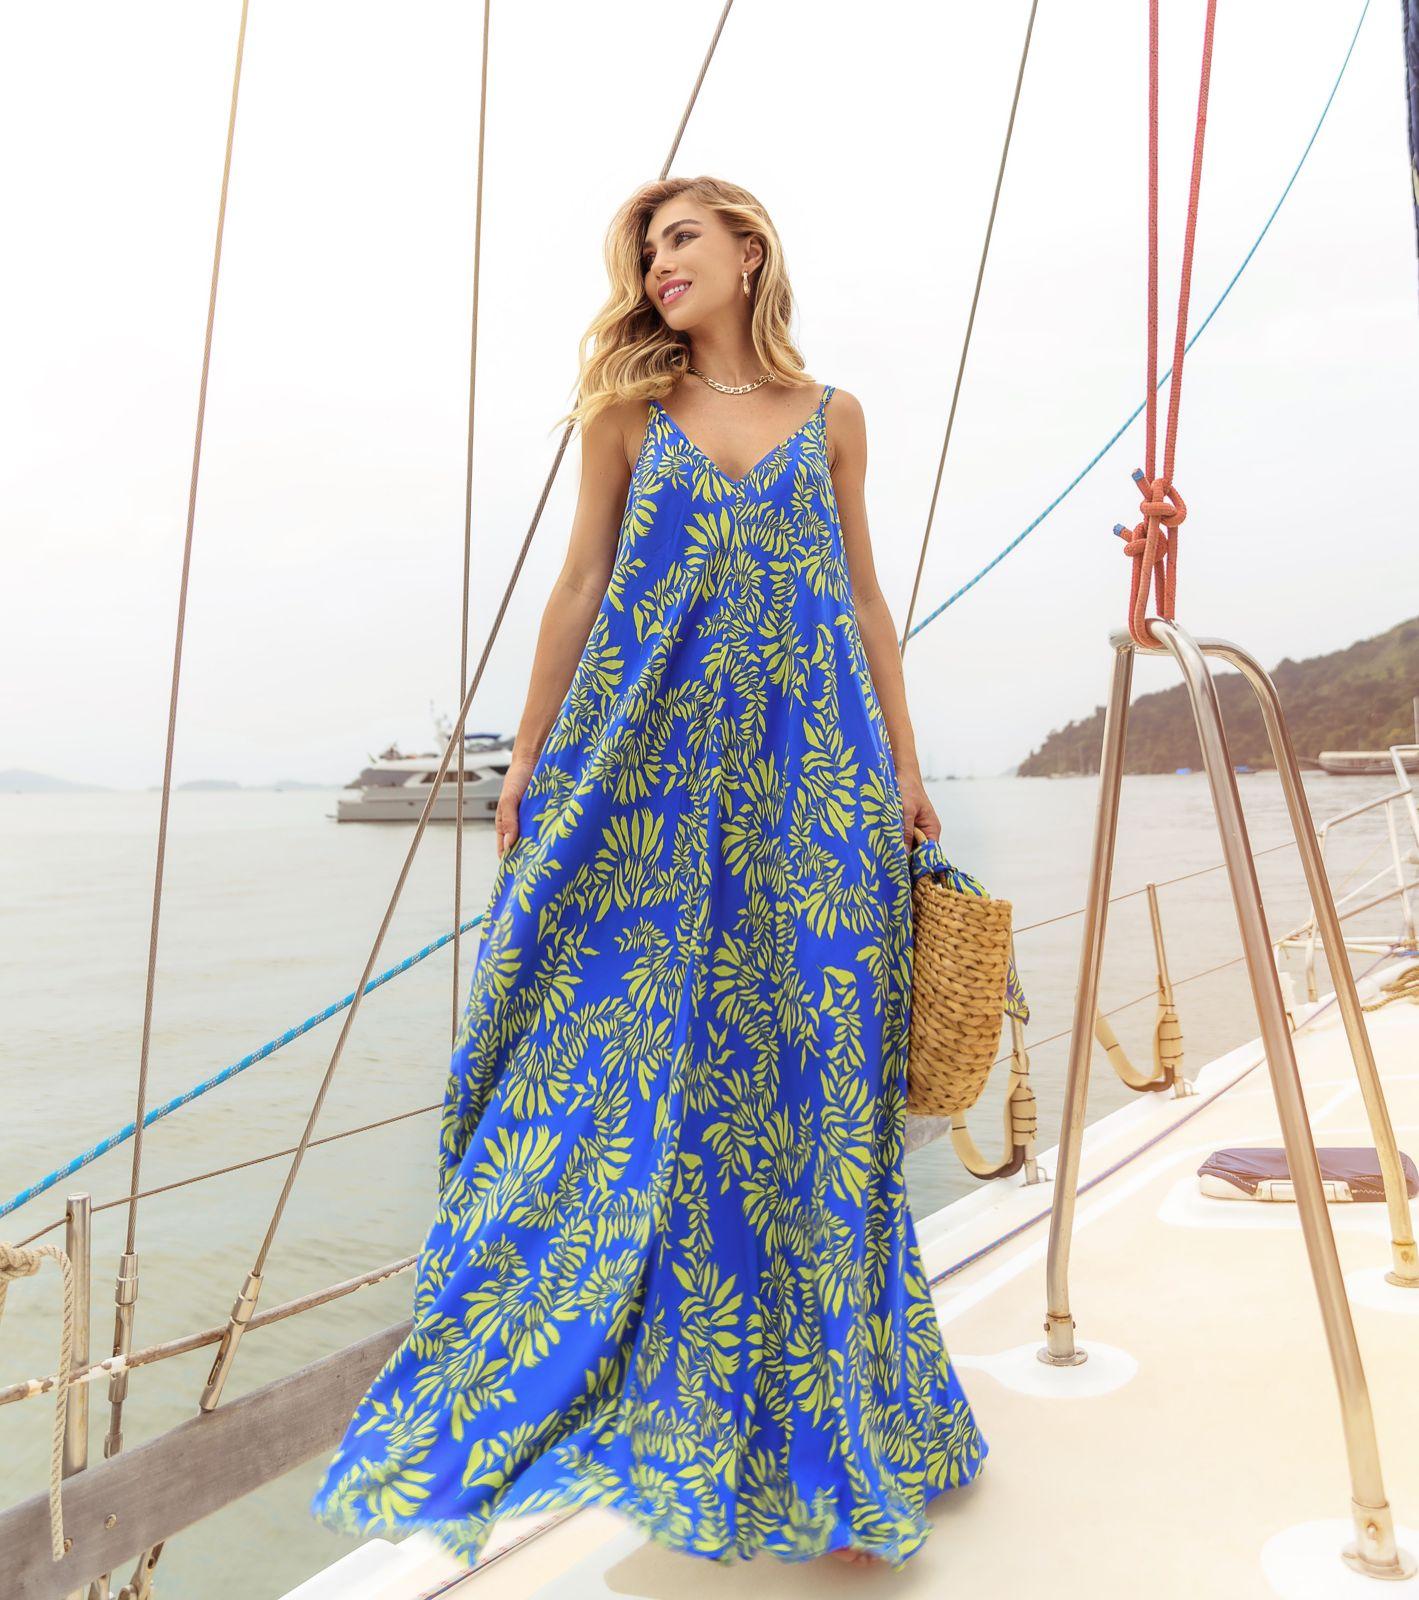 Vestido Coconut Viscose Estampa Floral Detalhe Alças Reguláveis ( Acompanha Shorts Forro) + Faixa Lenço